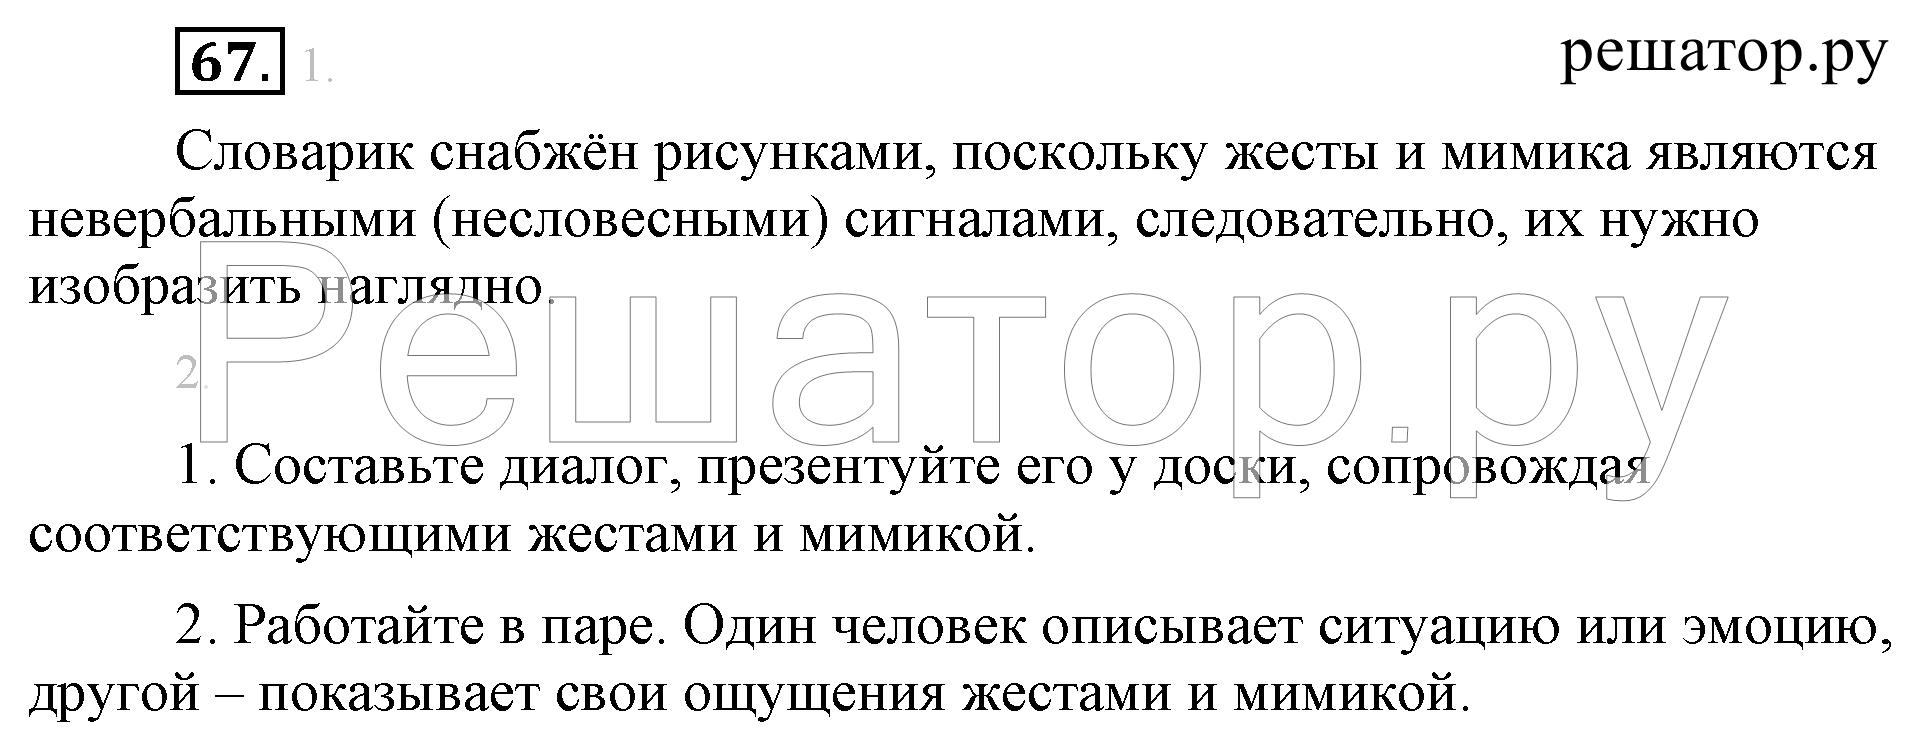 Гдз по русскому языку 6 класс львова львов 1 часть выпуск 2018 год